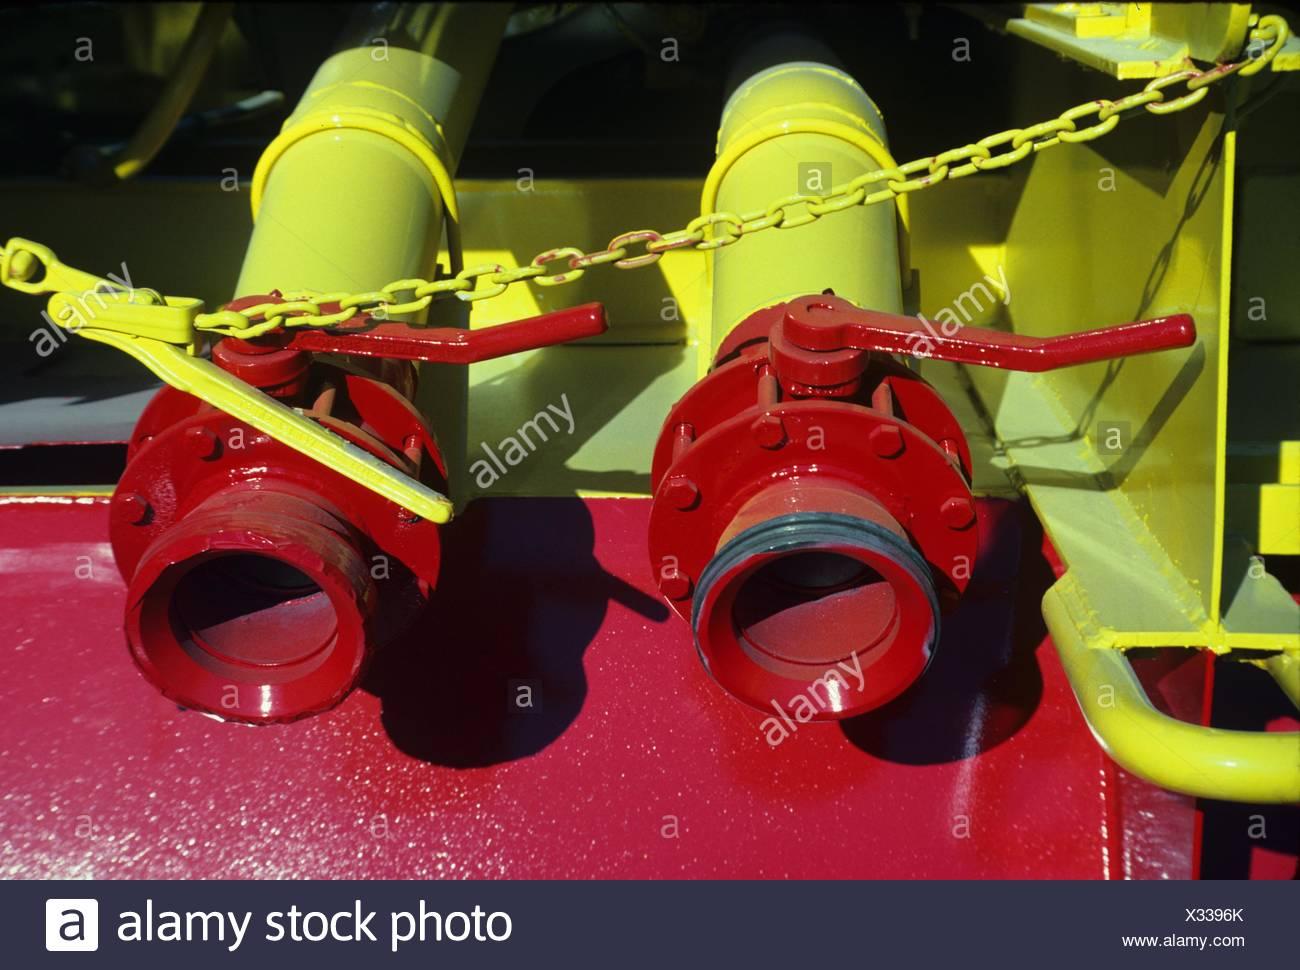 Frac Pump Stock Photos & Frac Pump Stock Images - Alamy